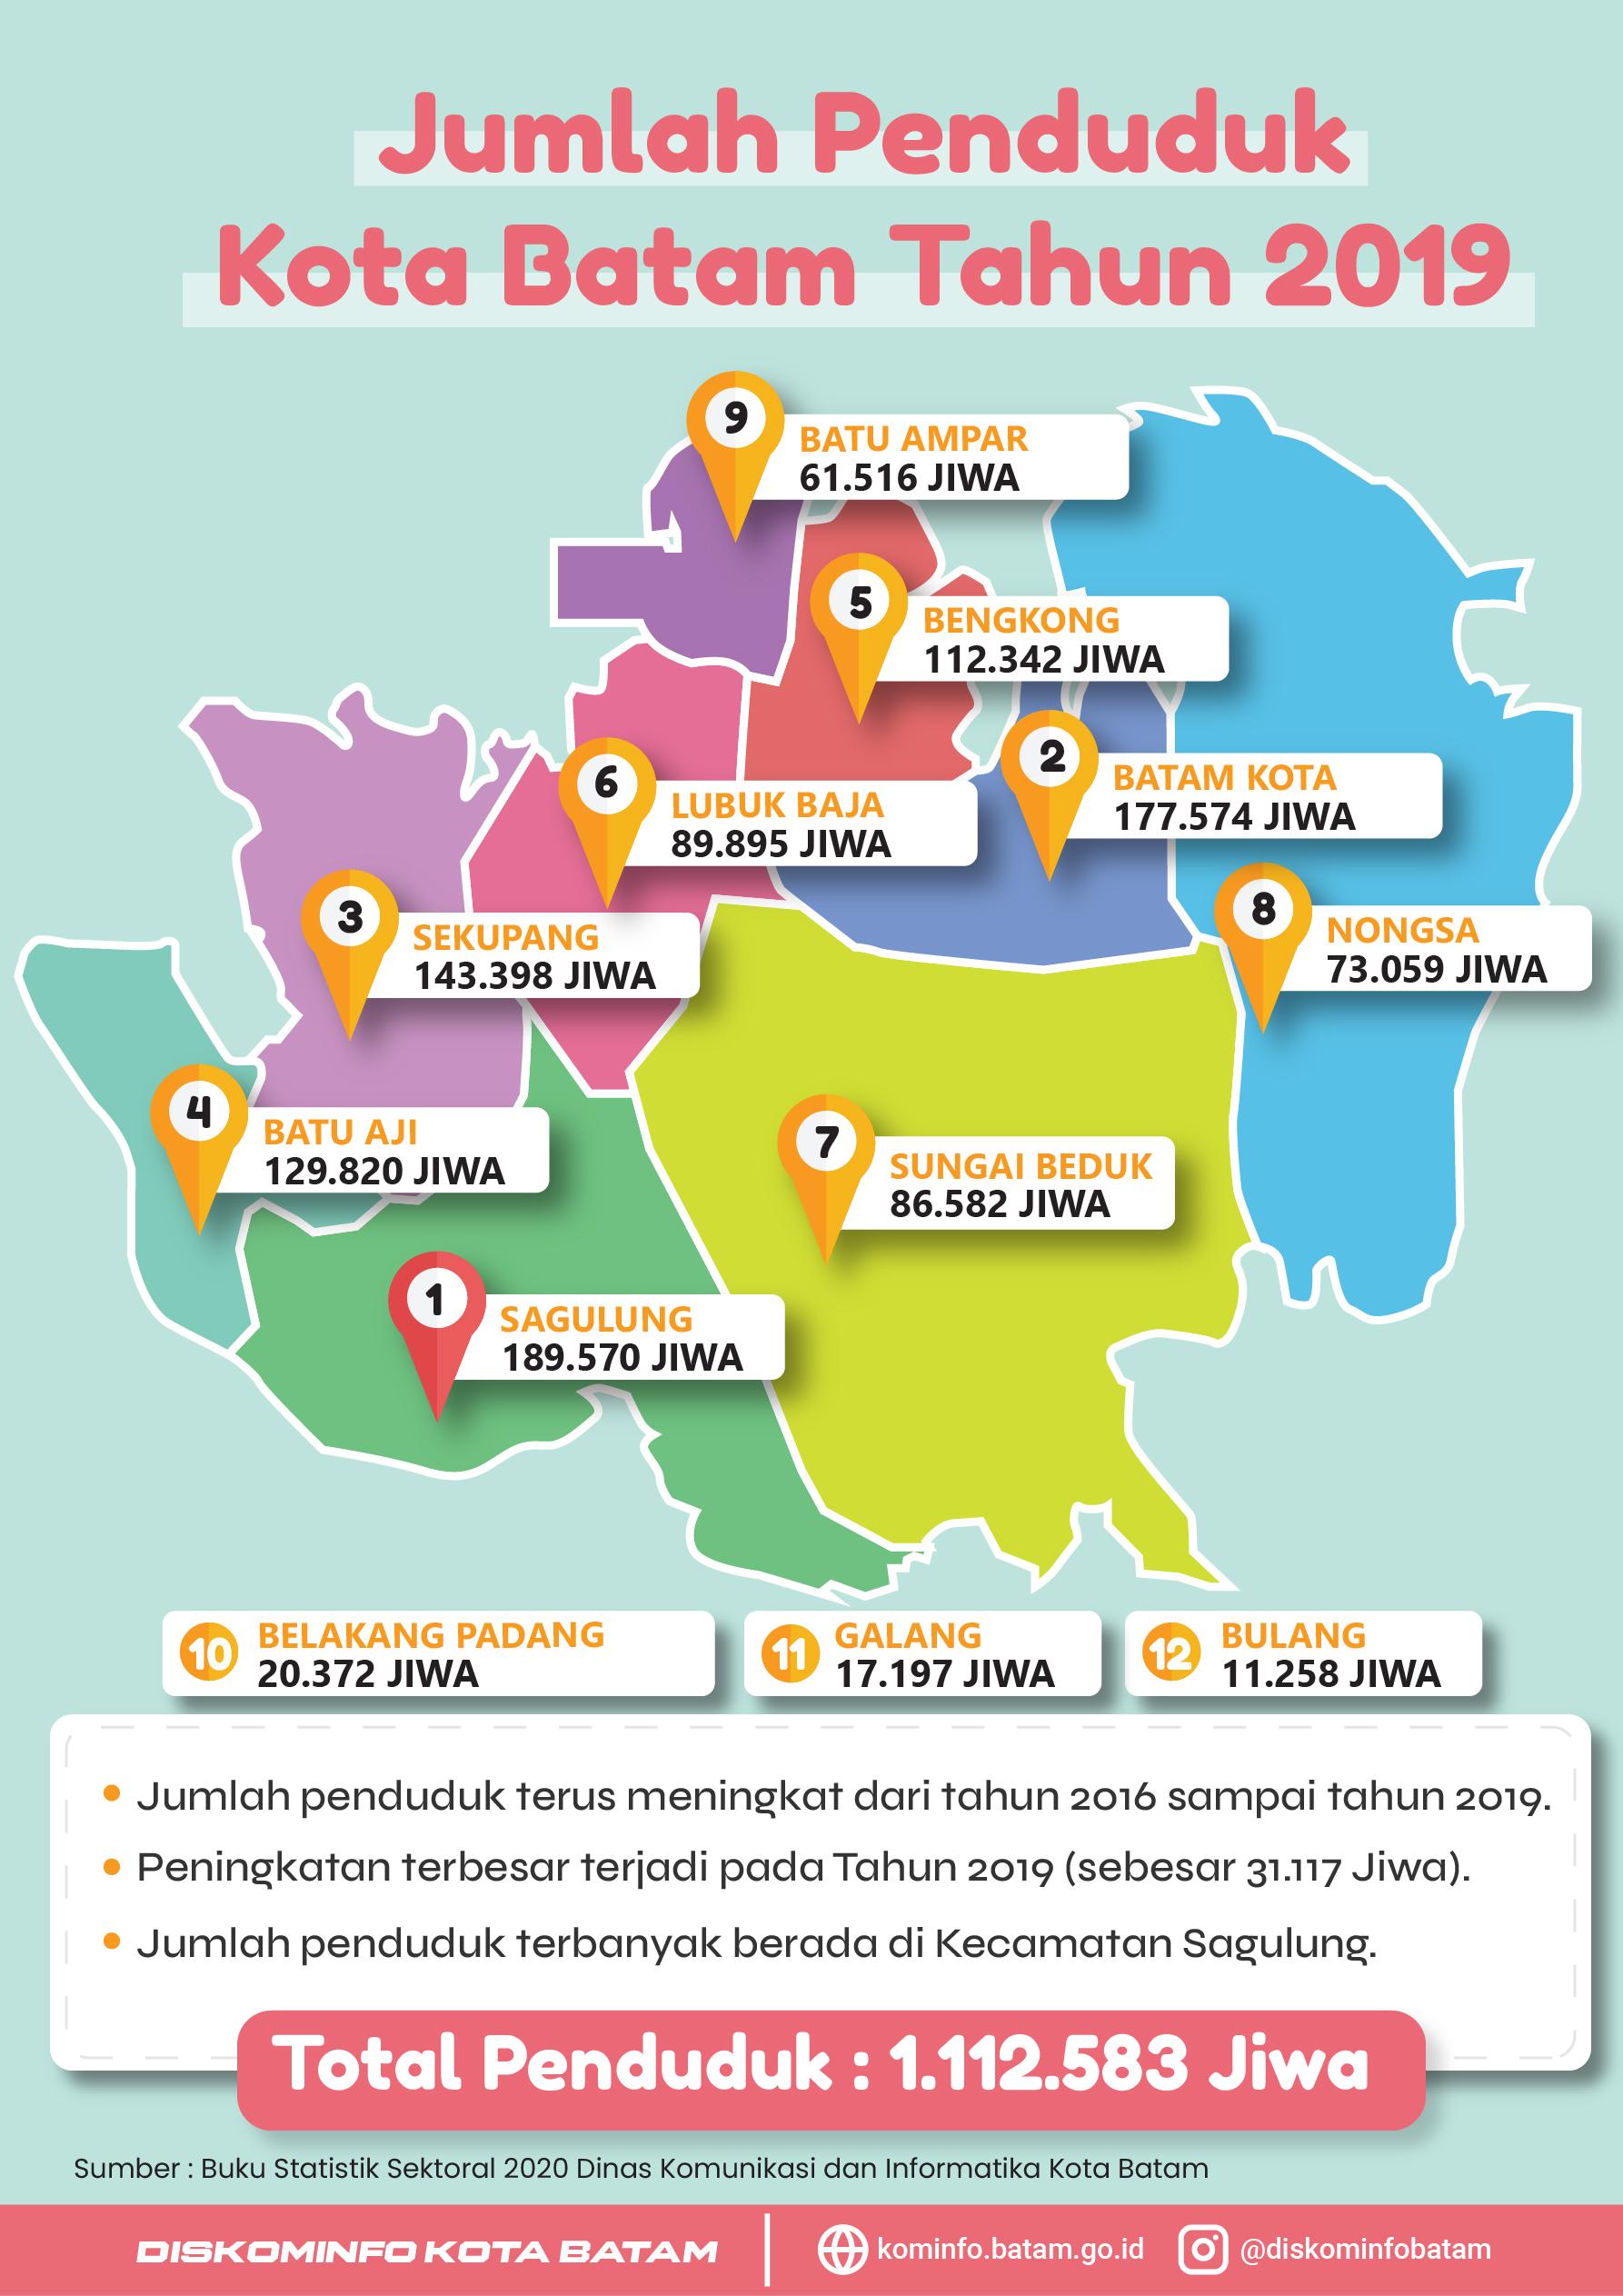 Statistik Sektoral Jumlah Penduduk Kota Batam Tahun 2019